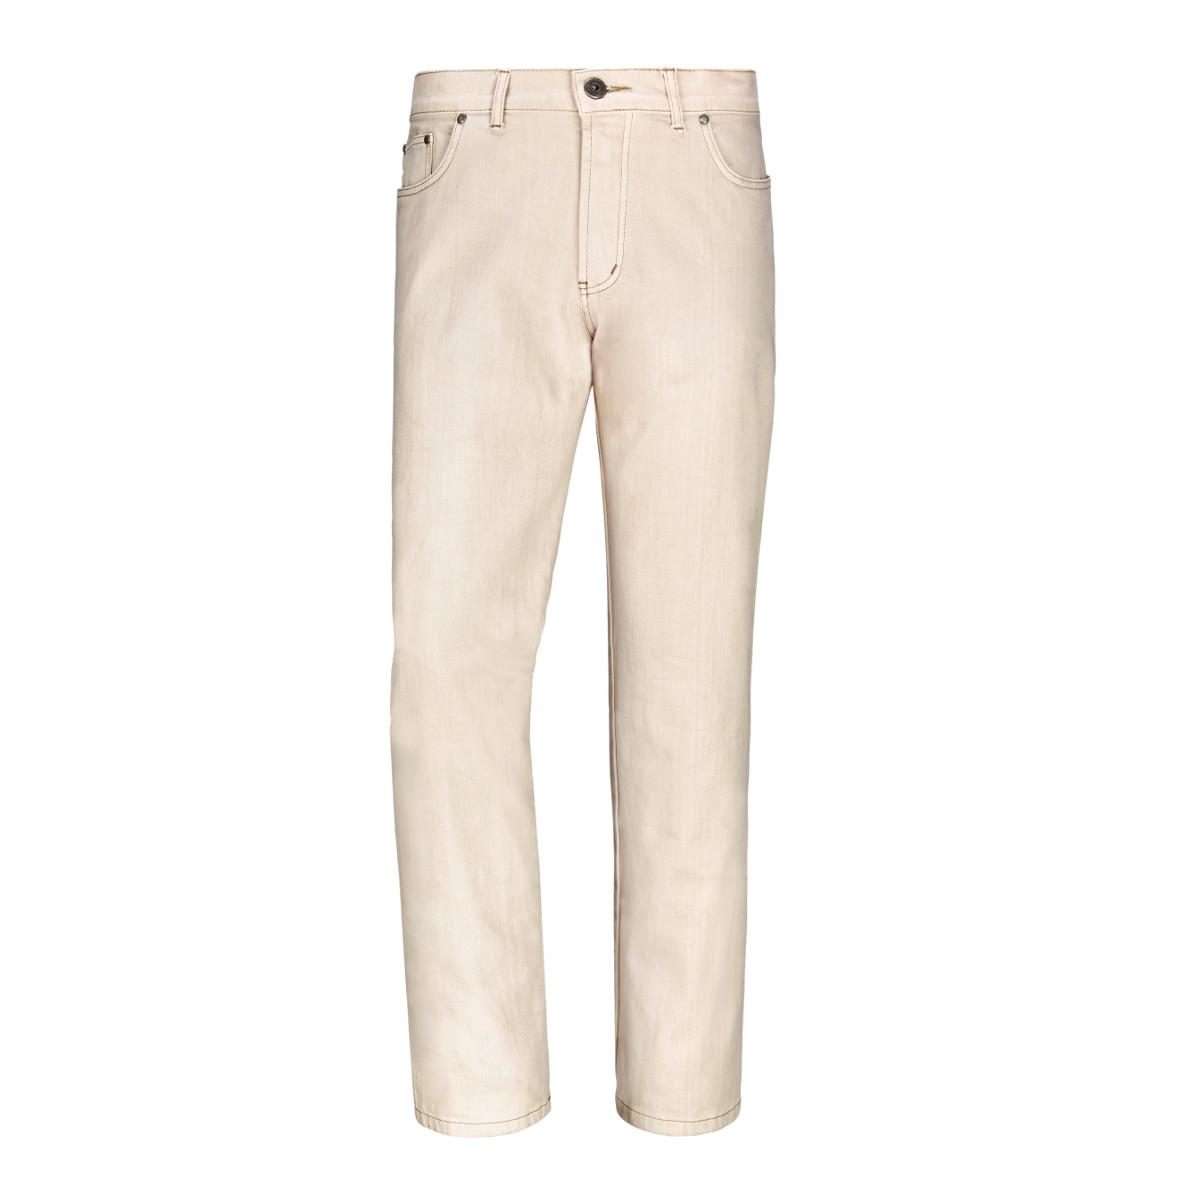 Jeans Mode Männer Große Größen